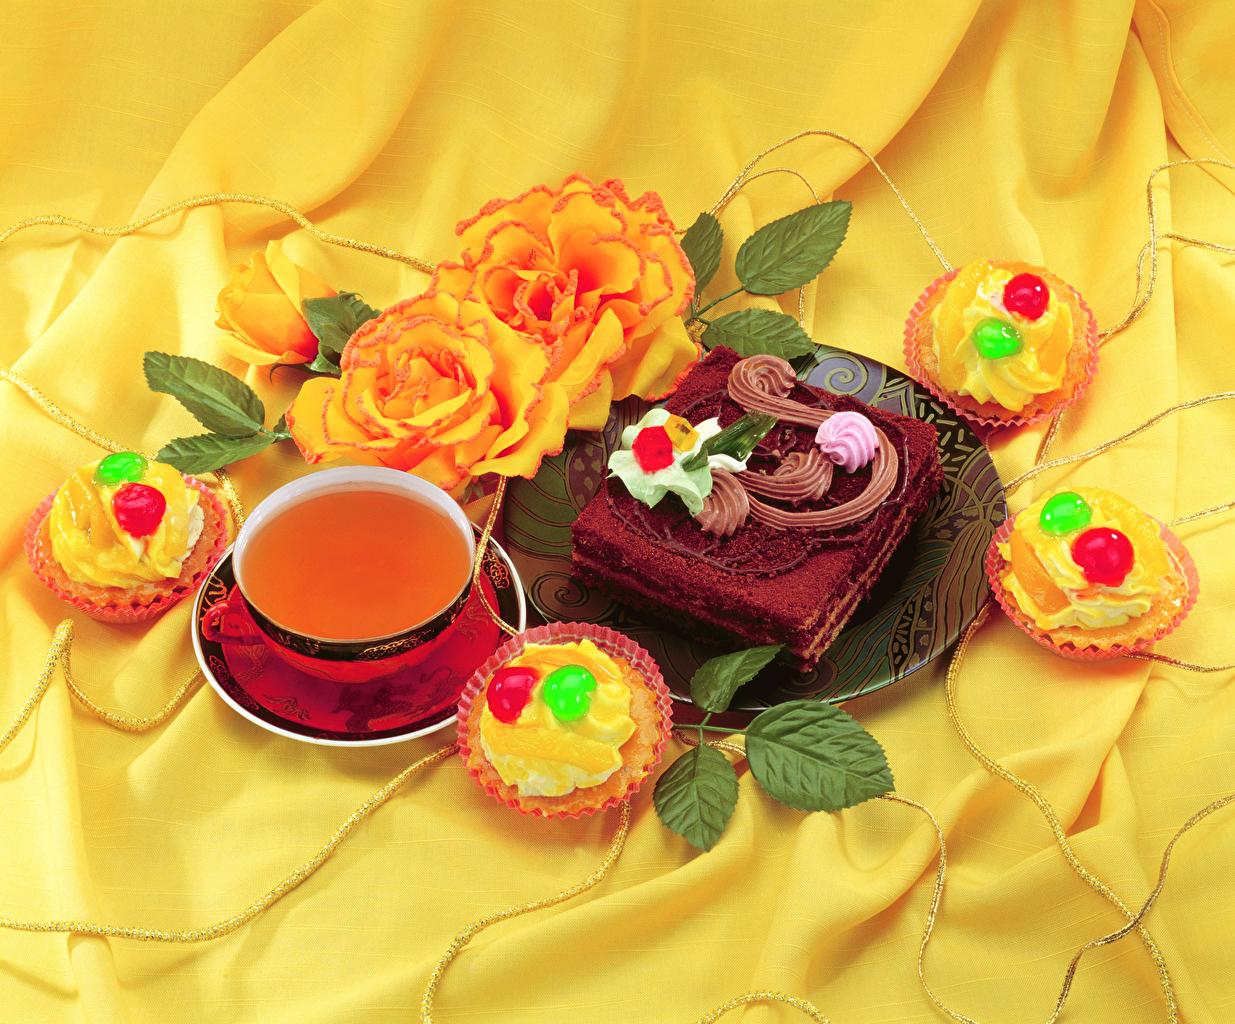 Фотографии Чай Торты Пирожное Еда Чашка Розы Натюрморт Пища чашке Продукты питания роза